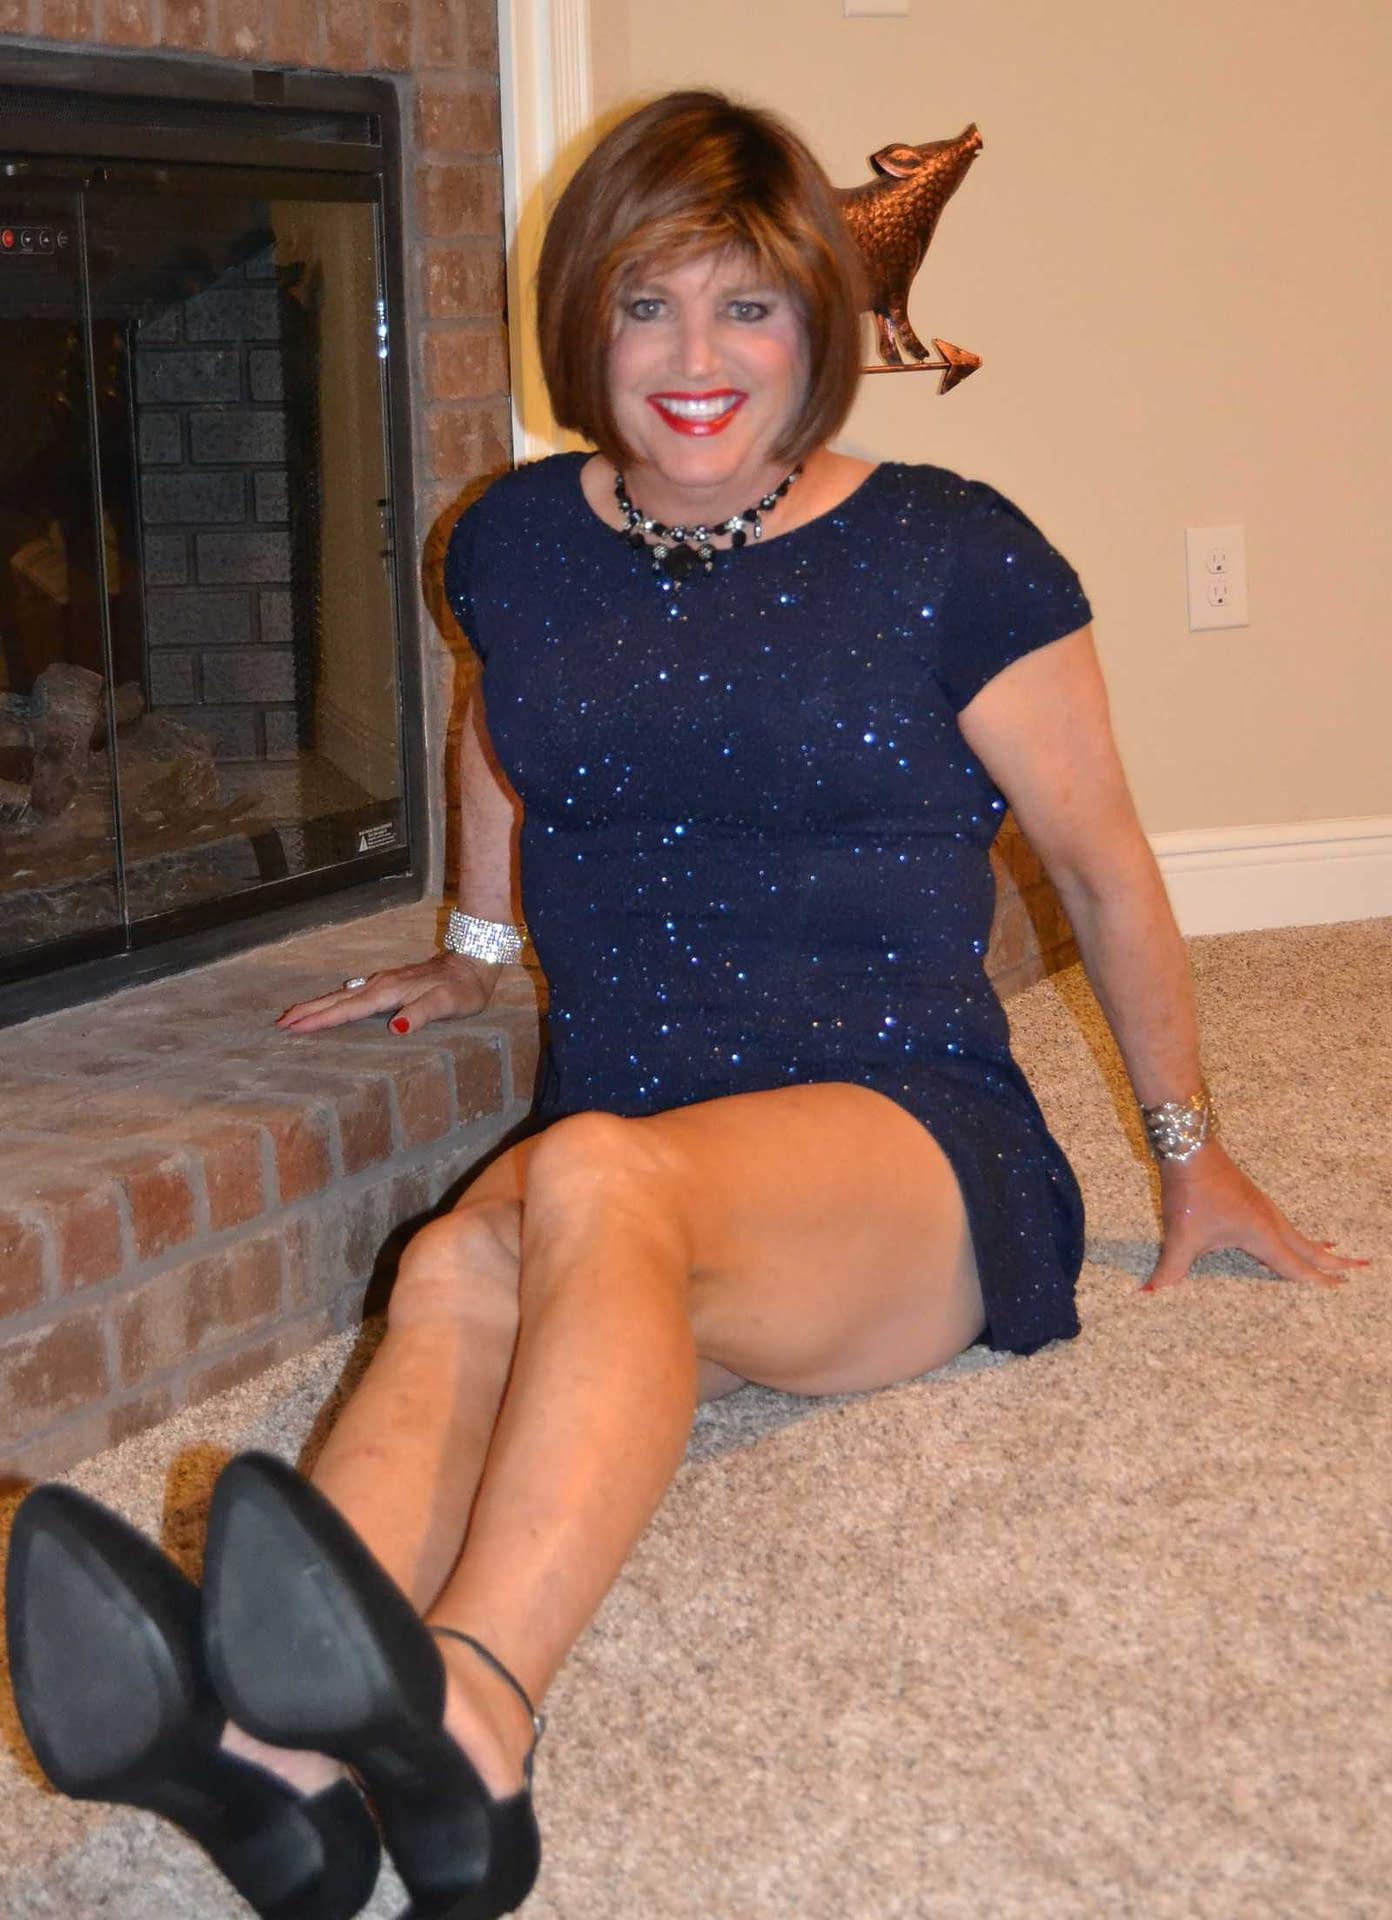 Scarlett Loves Wearing Sparkly Dresses!